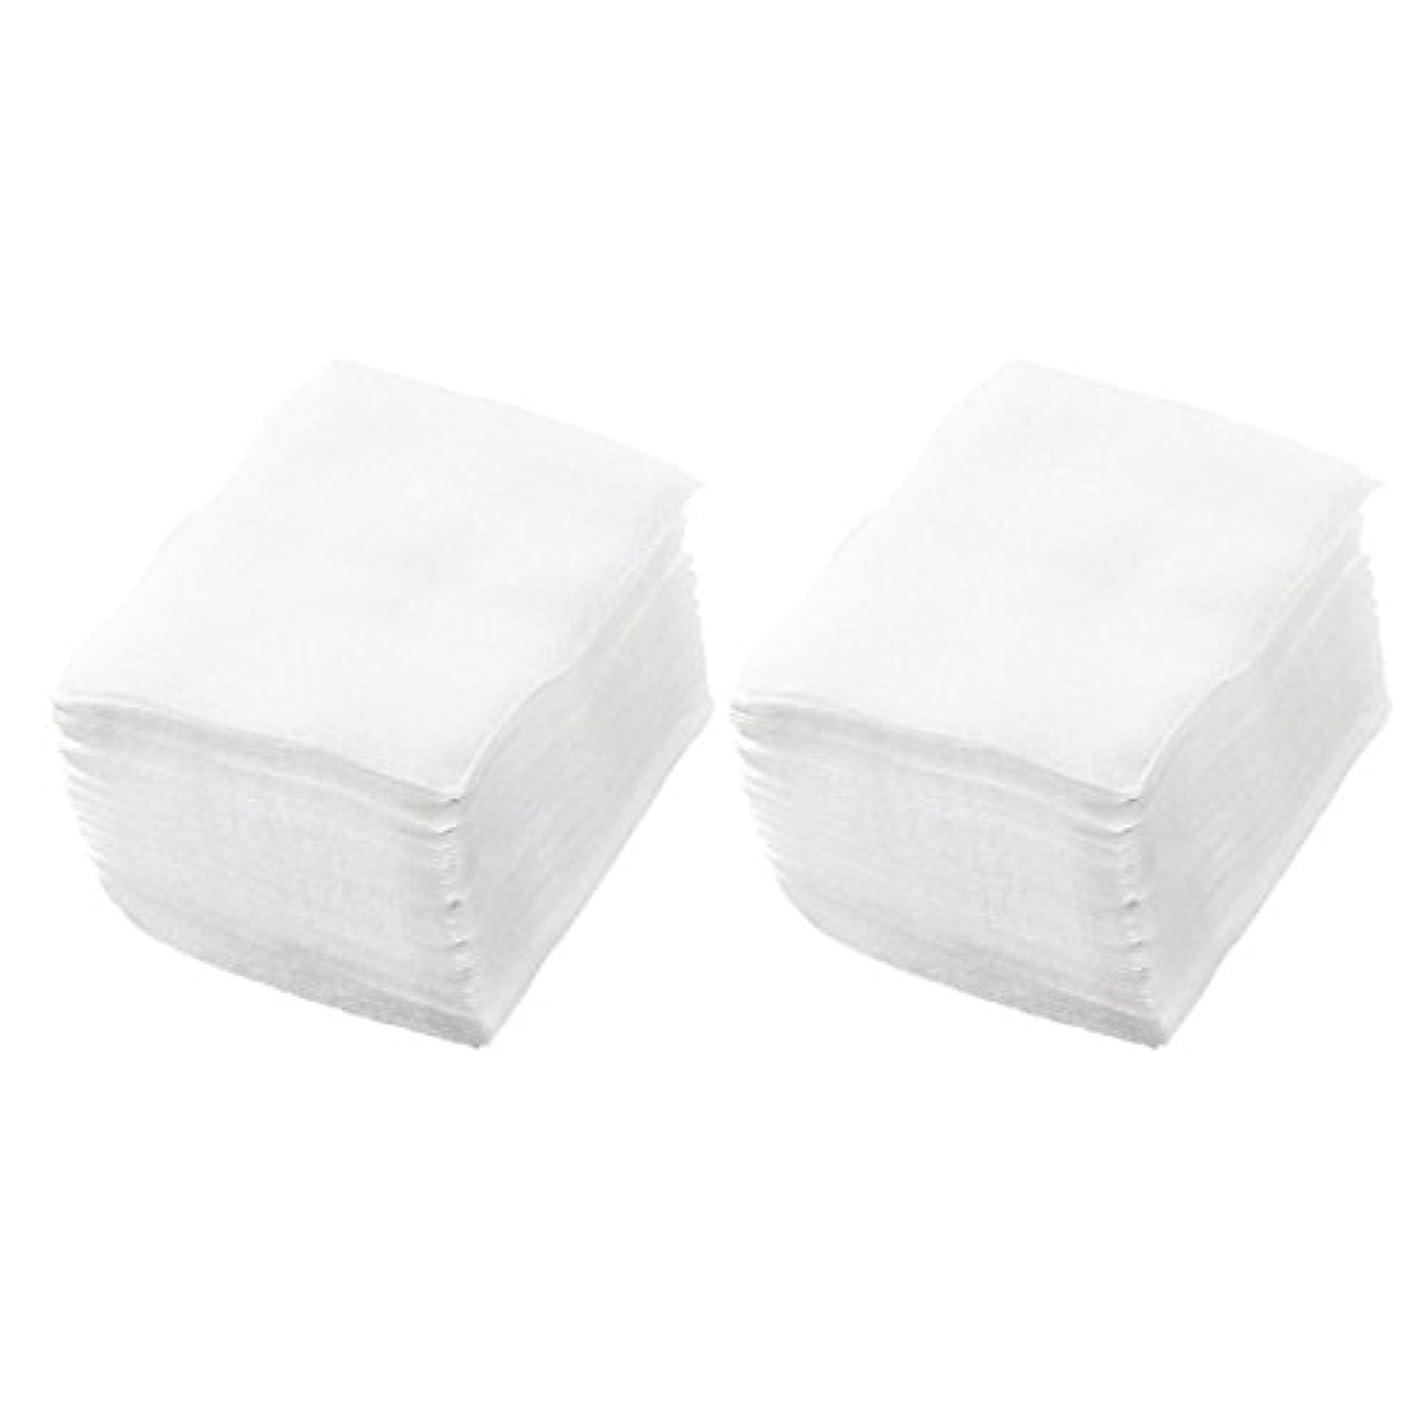 分析産地バスルームSODIAL(R) 320個 レディ ホワイト ネイルポリッシュリムーバ 長方形フェイスクリーニング コットンパッド